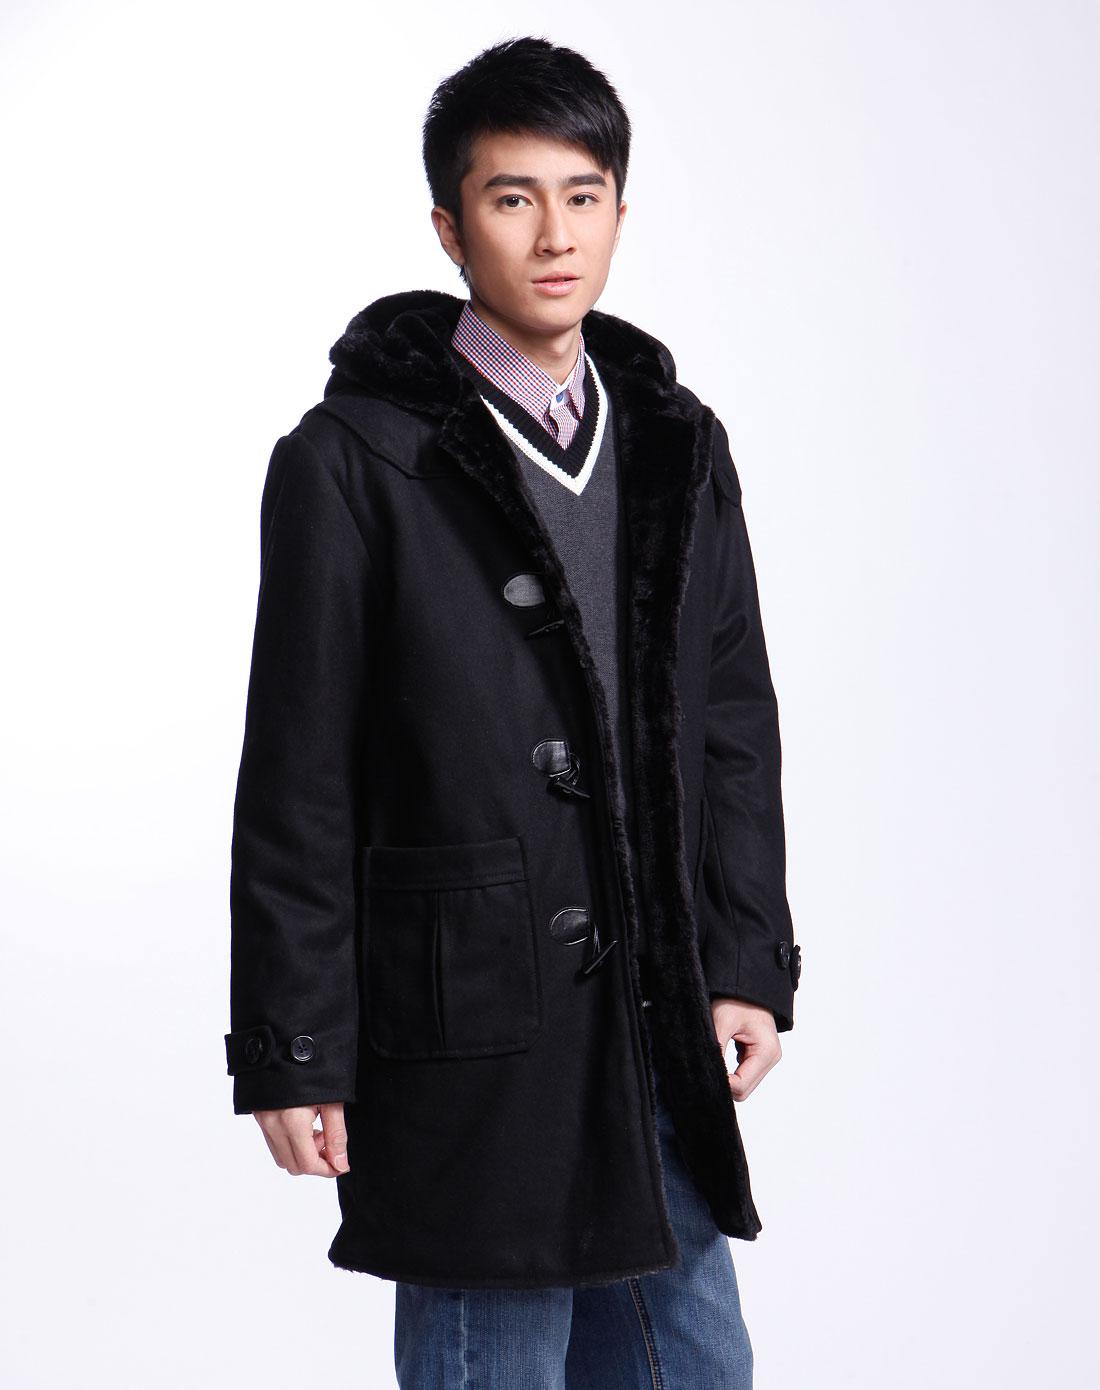 黑色连帽仿貂毛长袖呢子大衣